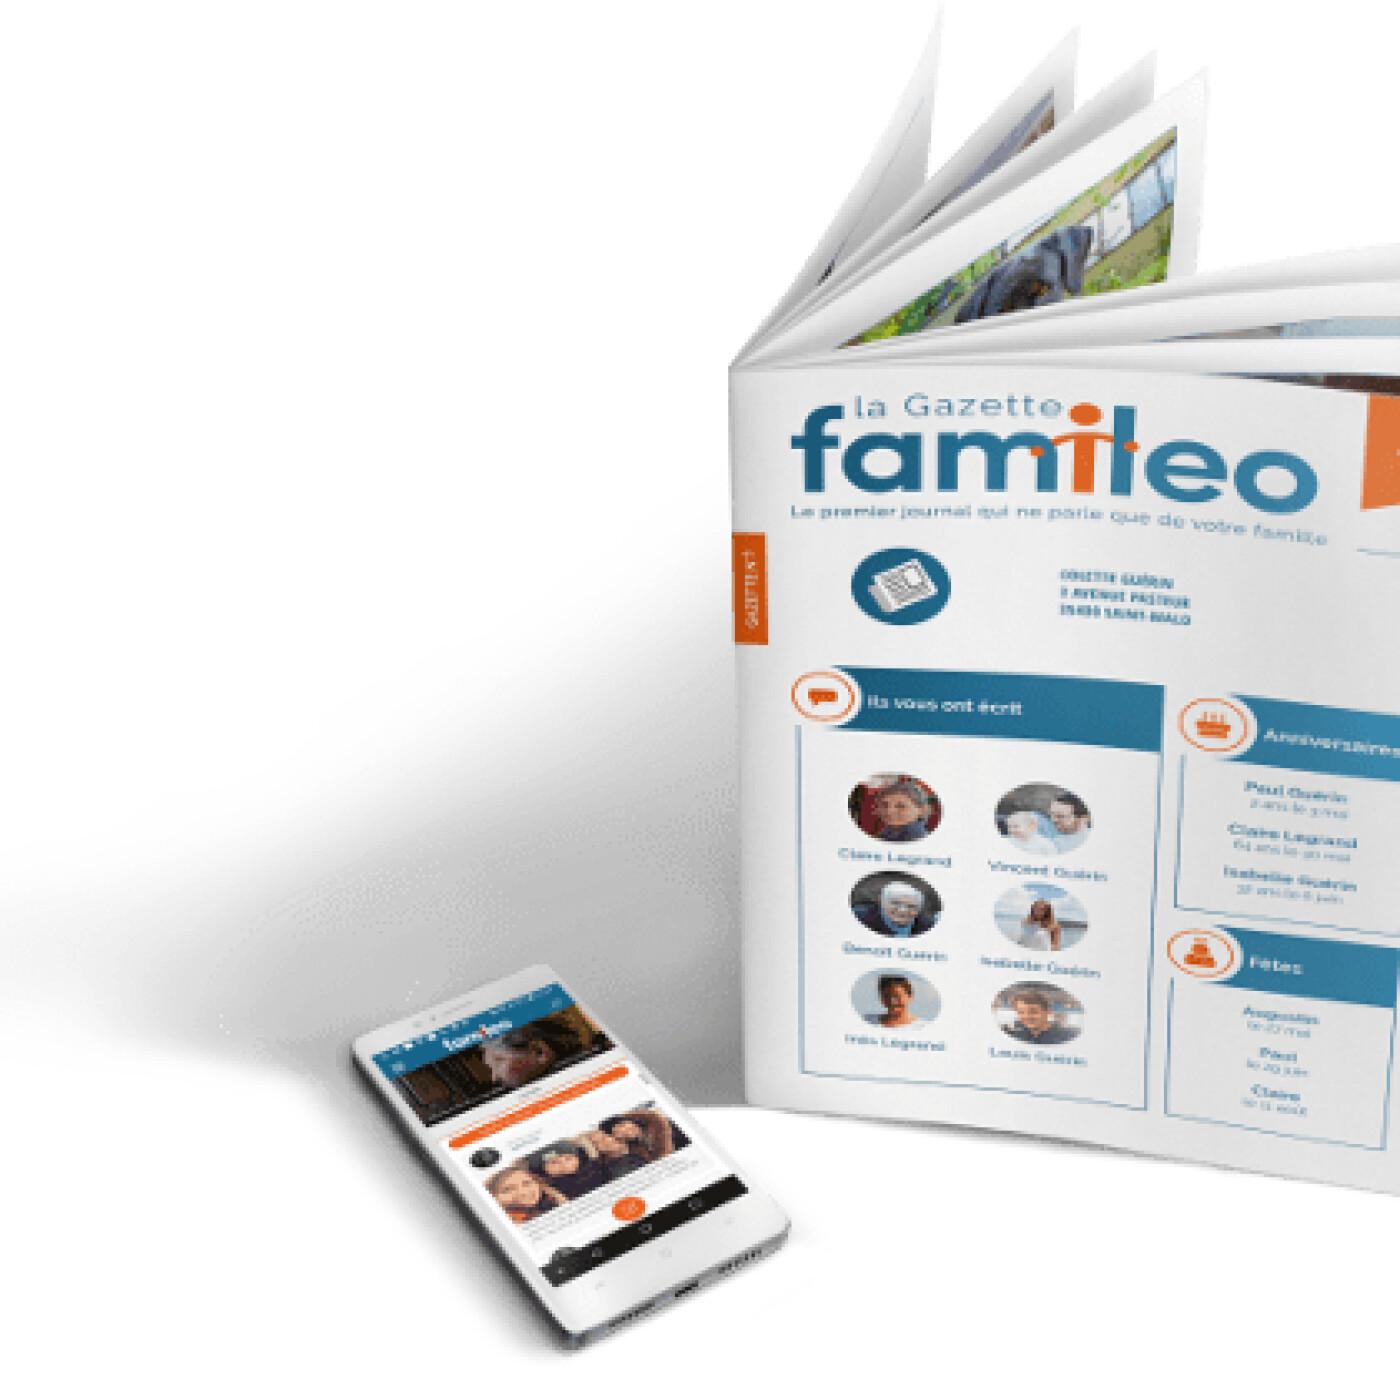 Alix présente le service Famileo pour garder le lien avec ses ainés - 03 09 2021 - StereoChic Radio